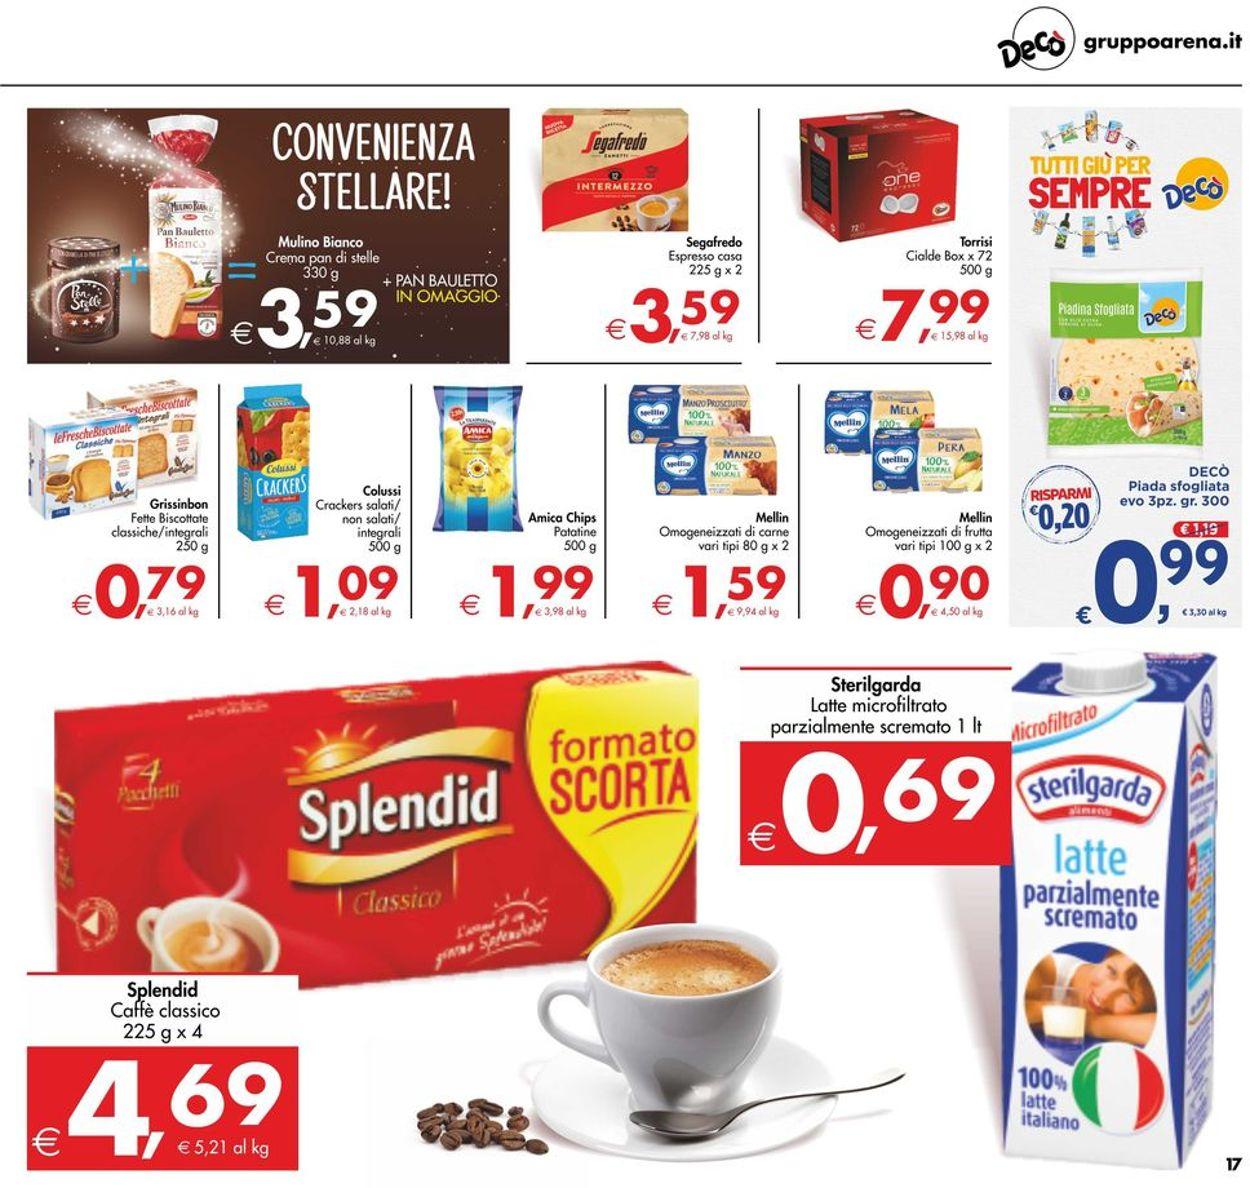 Volantino Deco - Offerte 28/07-06/08/2020 (Pagina 17)